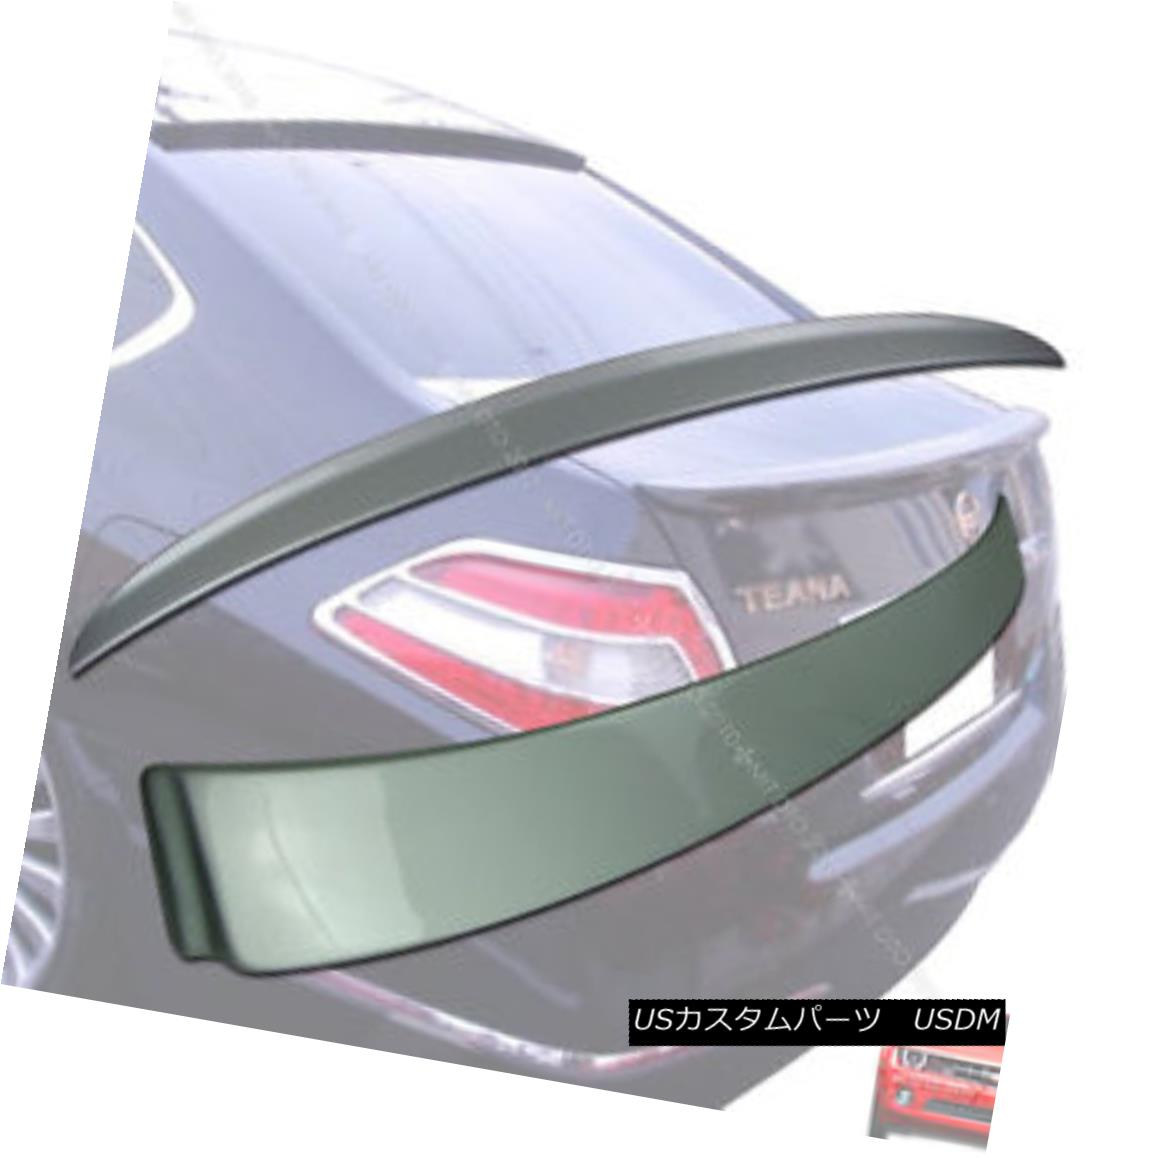 エアロパーツ Painted FOR J32 TEANA Rear Trunk Spoiler & Roof Spoiler NEW 09-12 § 塗装されたFOR J32 TEANAリアトランクスポイラー& 屋根スポイラーNEW 09-12